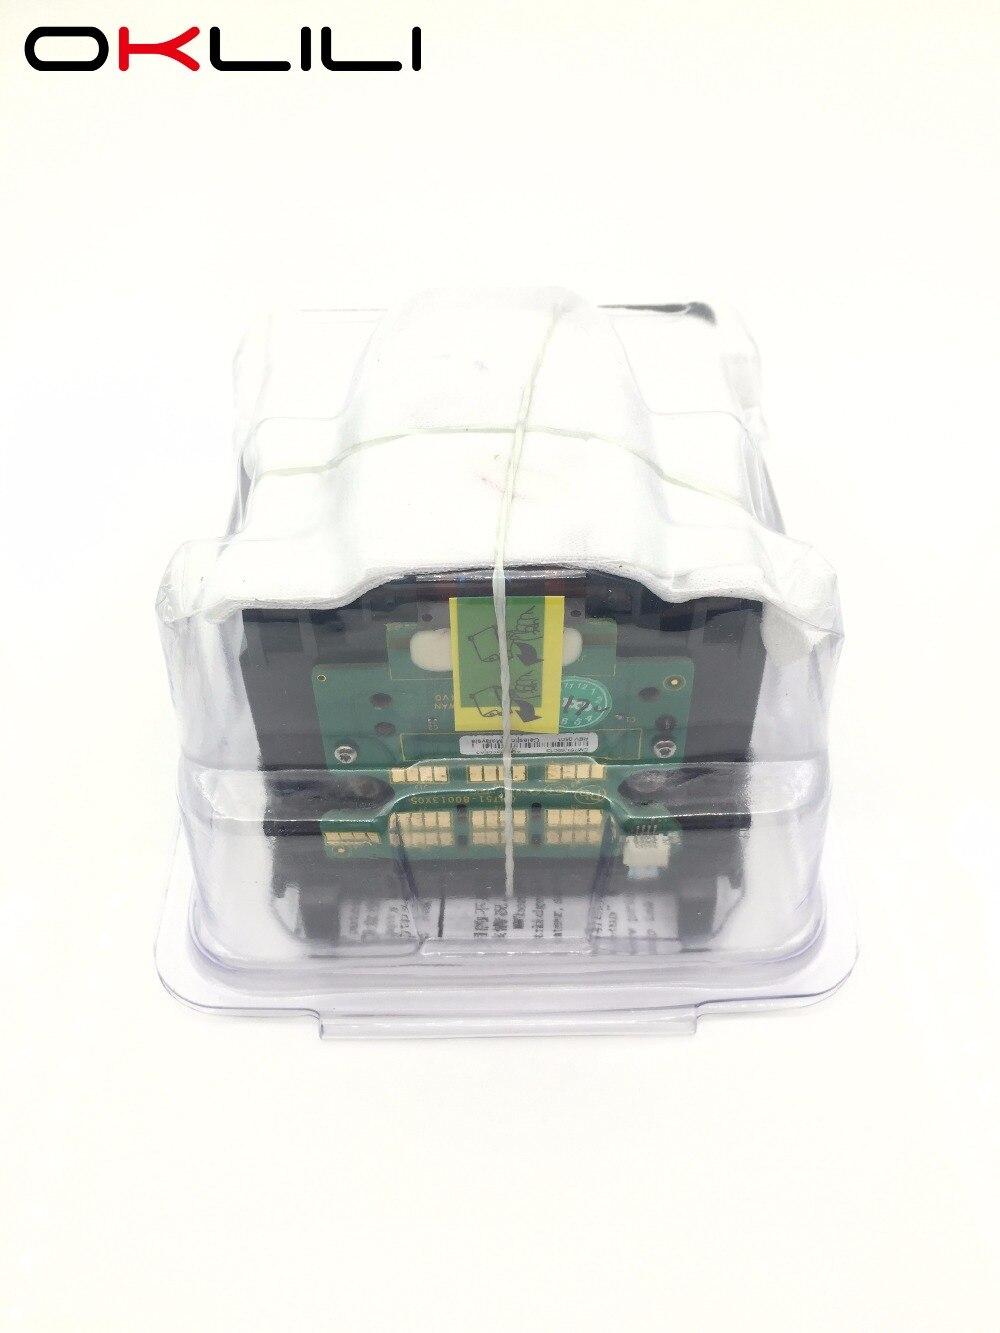 D'ORIGINE CM751-80013A 950 951 950XL 951XL Tête D'impression tête d'impression pour HP Pro 8100 8600 8610 8620 8625 8630 8700 251DW 251 276 276DW - 5